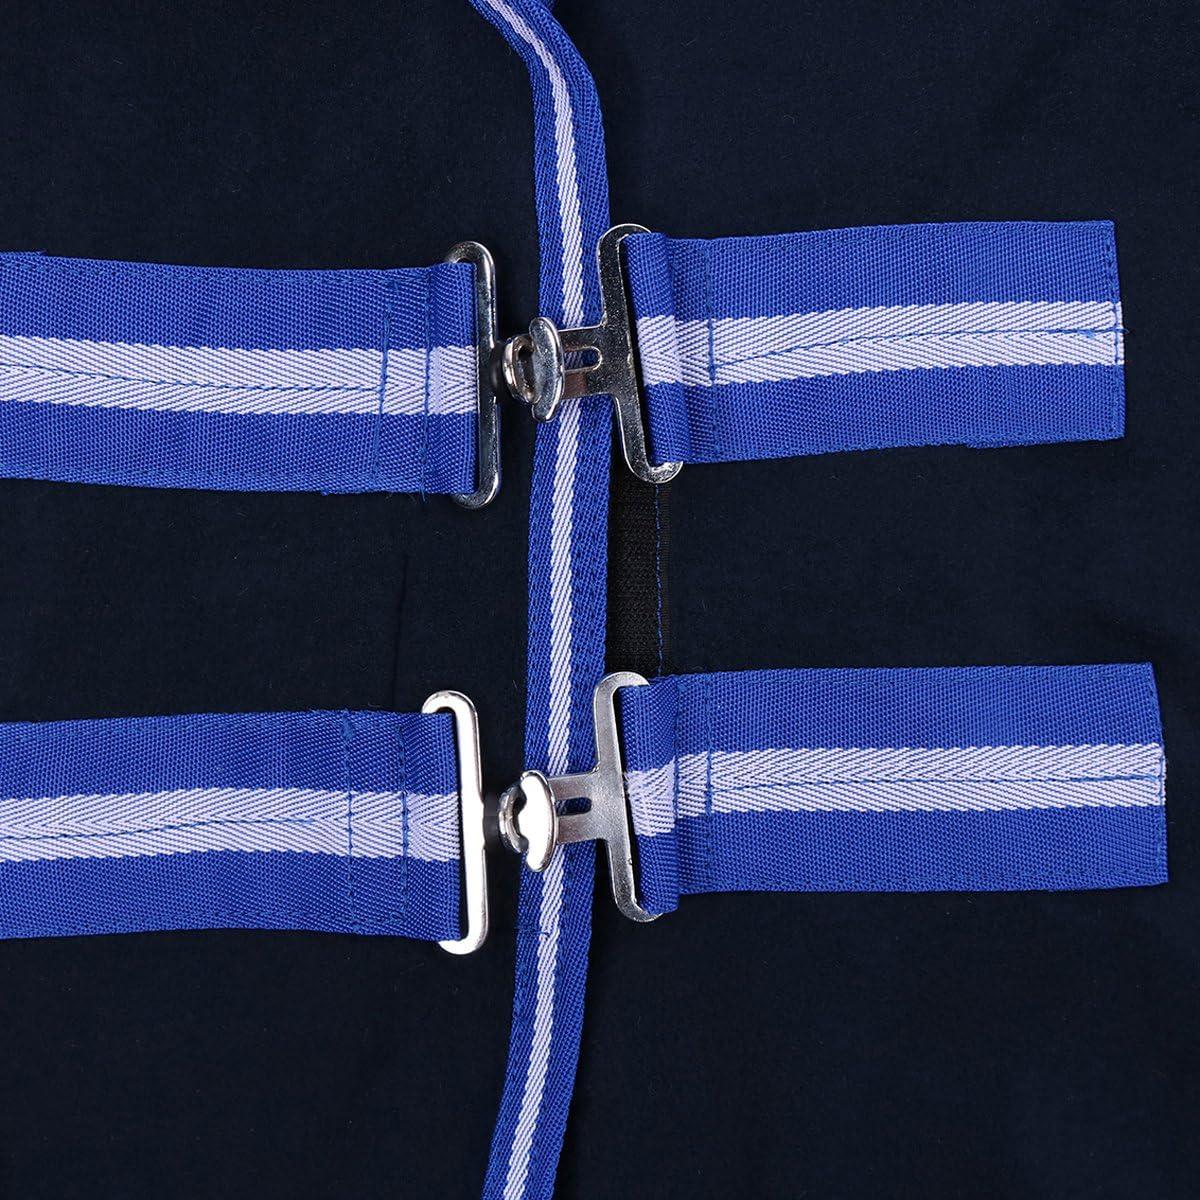 Blau Epplejeck Abschwitzdecke Zafra Junior/ Gr 95 cm